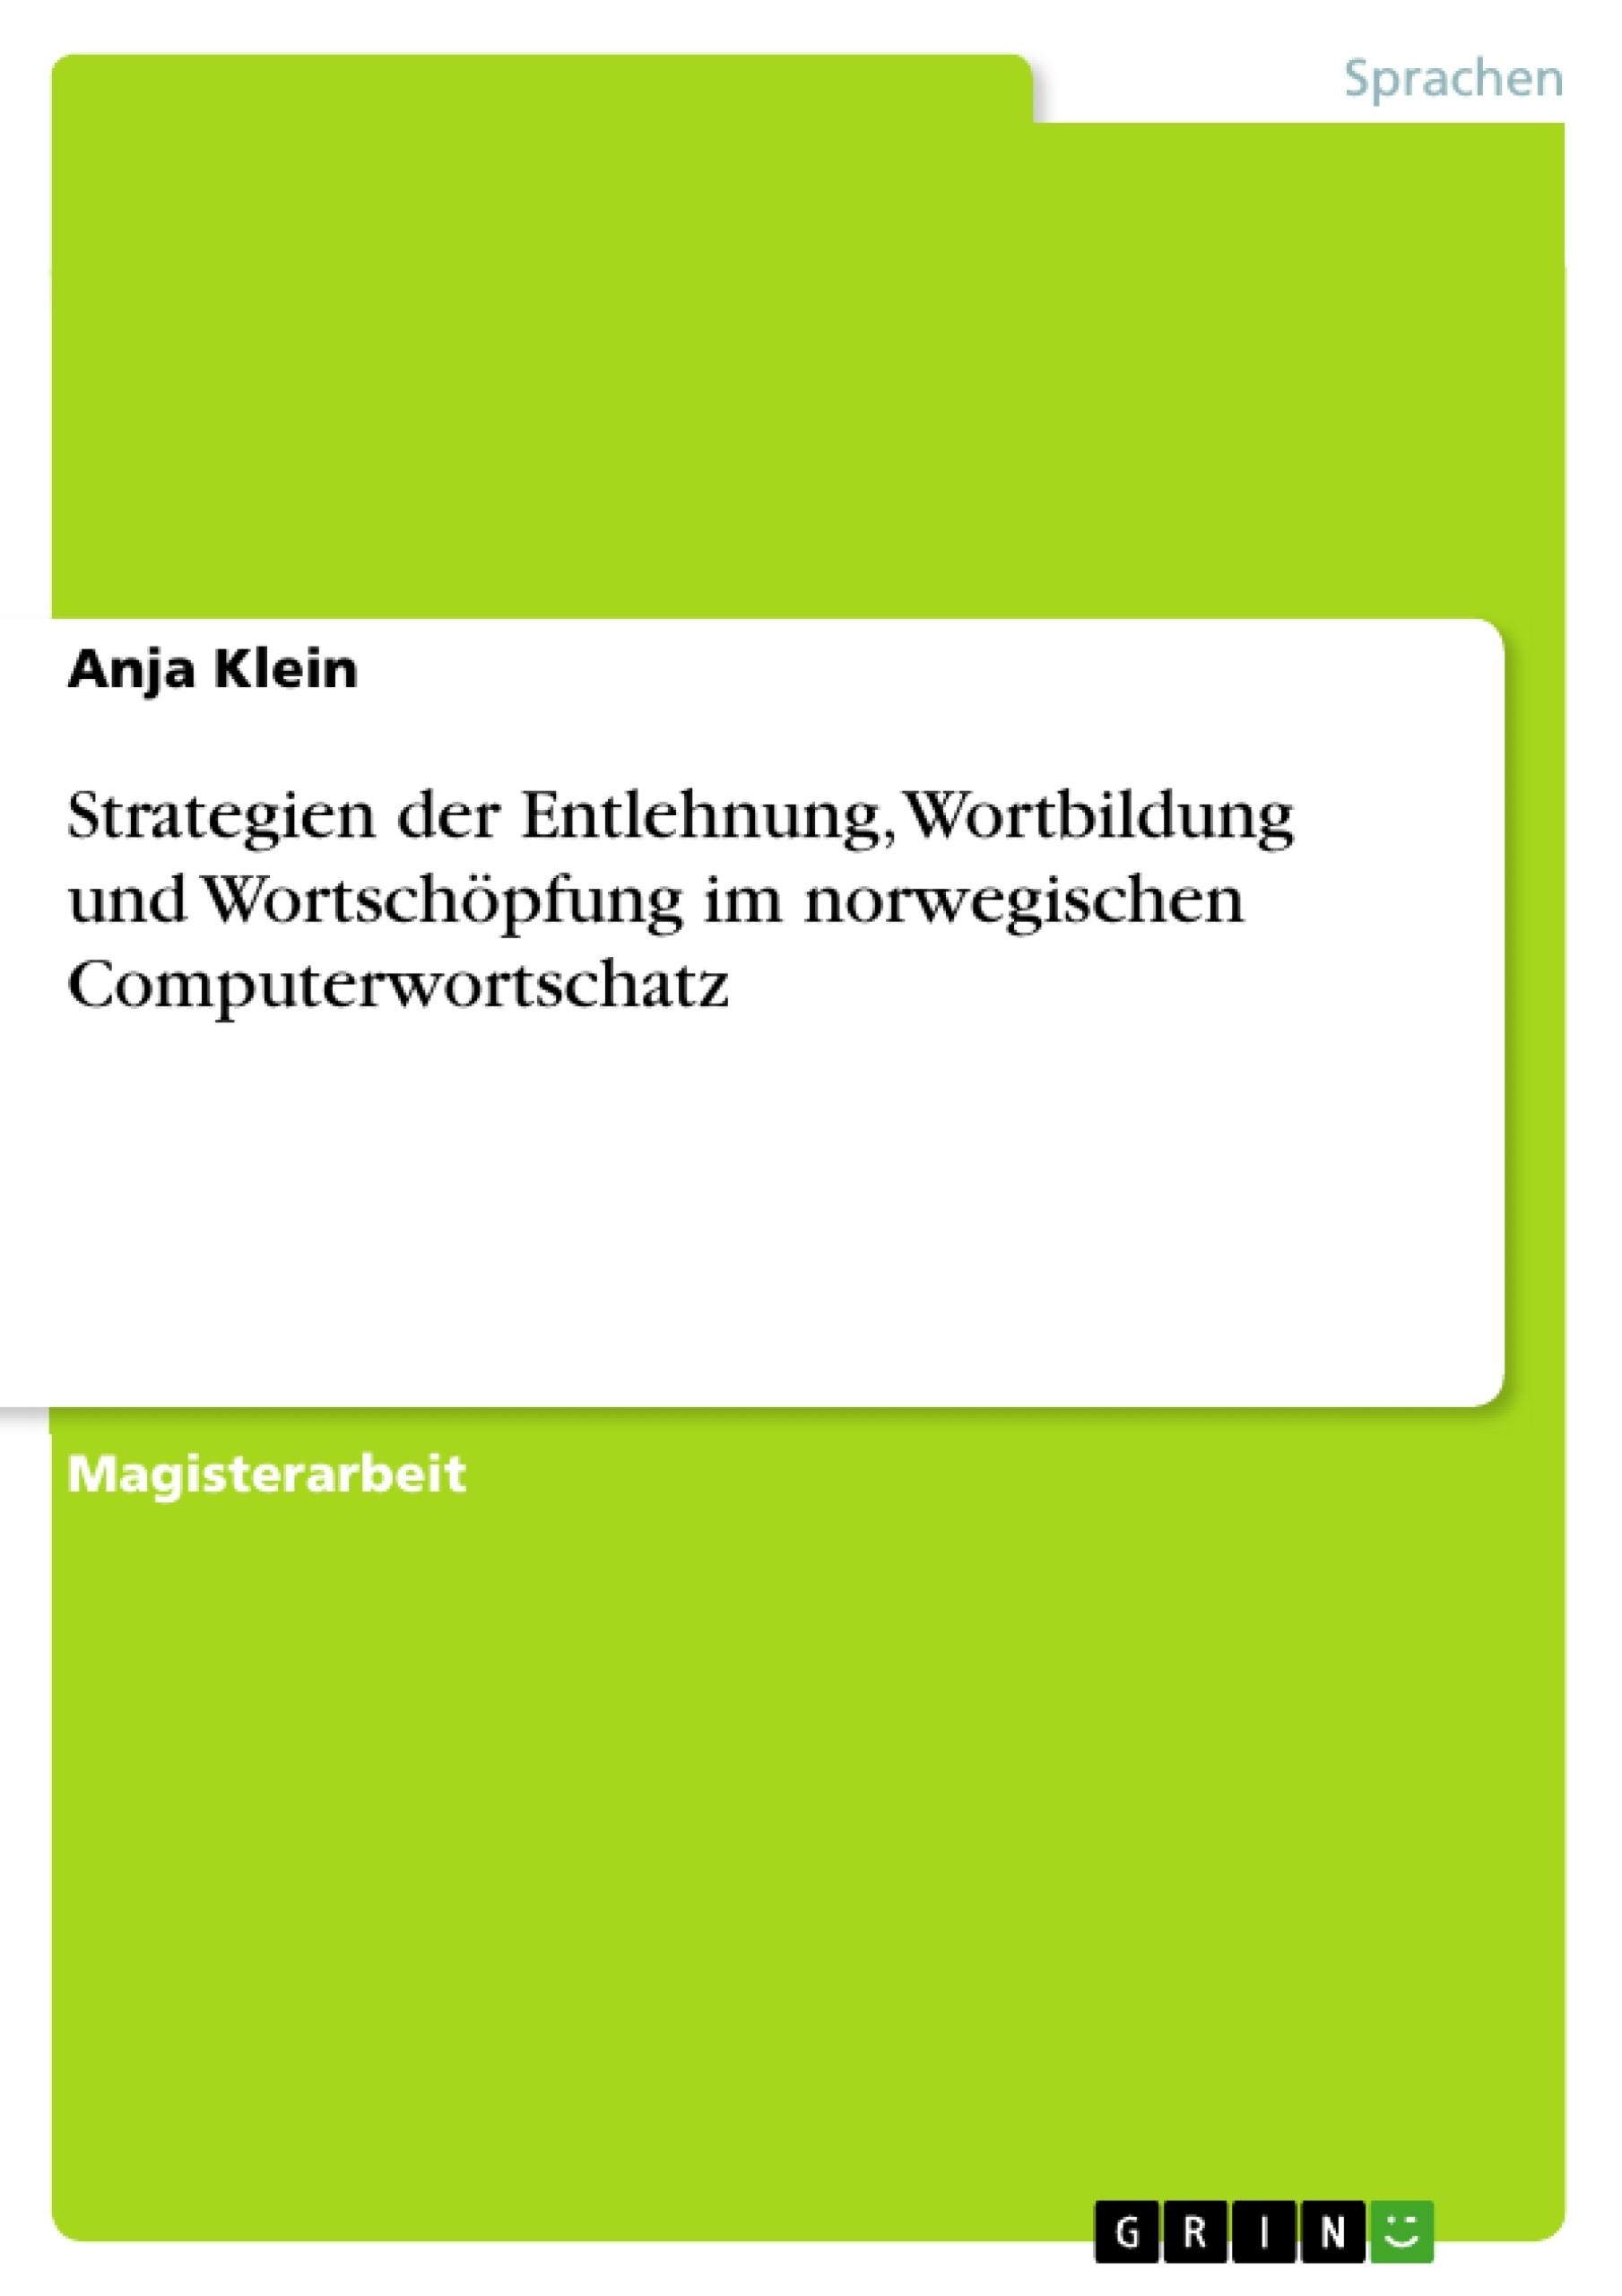 Titel: Strategien der Entlehnung, Wortbildung und Wortschöpfung im norwegischen Computerwortschatz